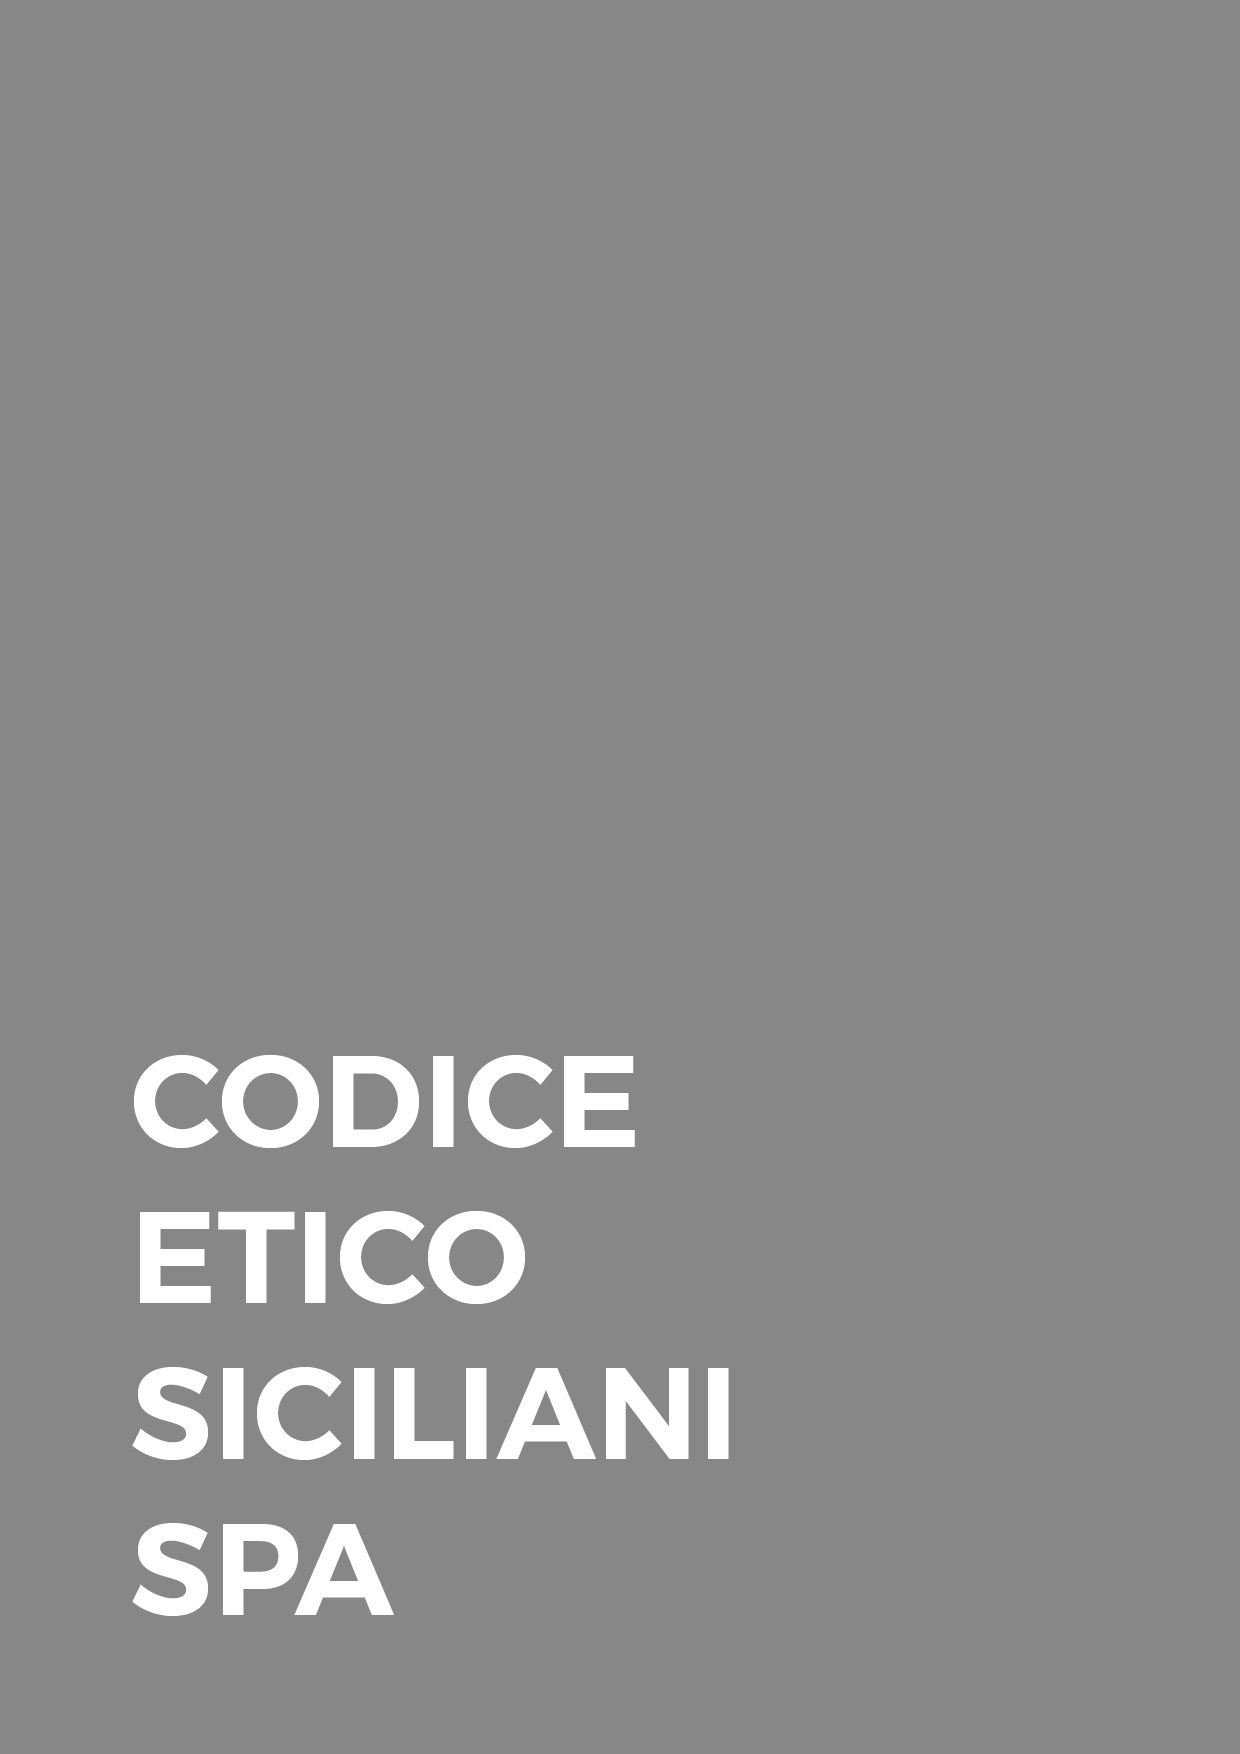 Codice Etico - SICILIANI SPA